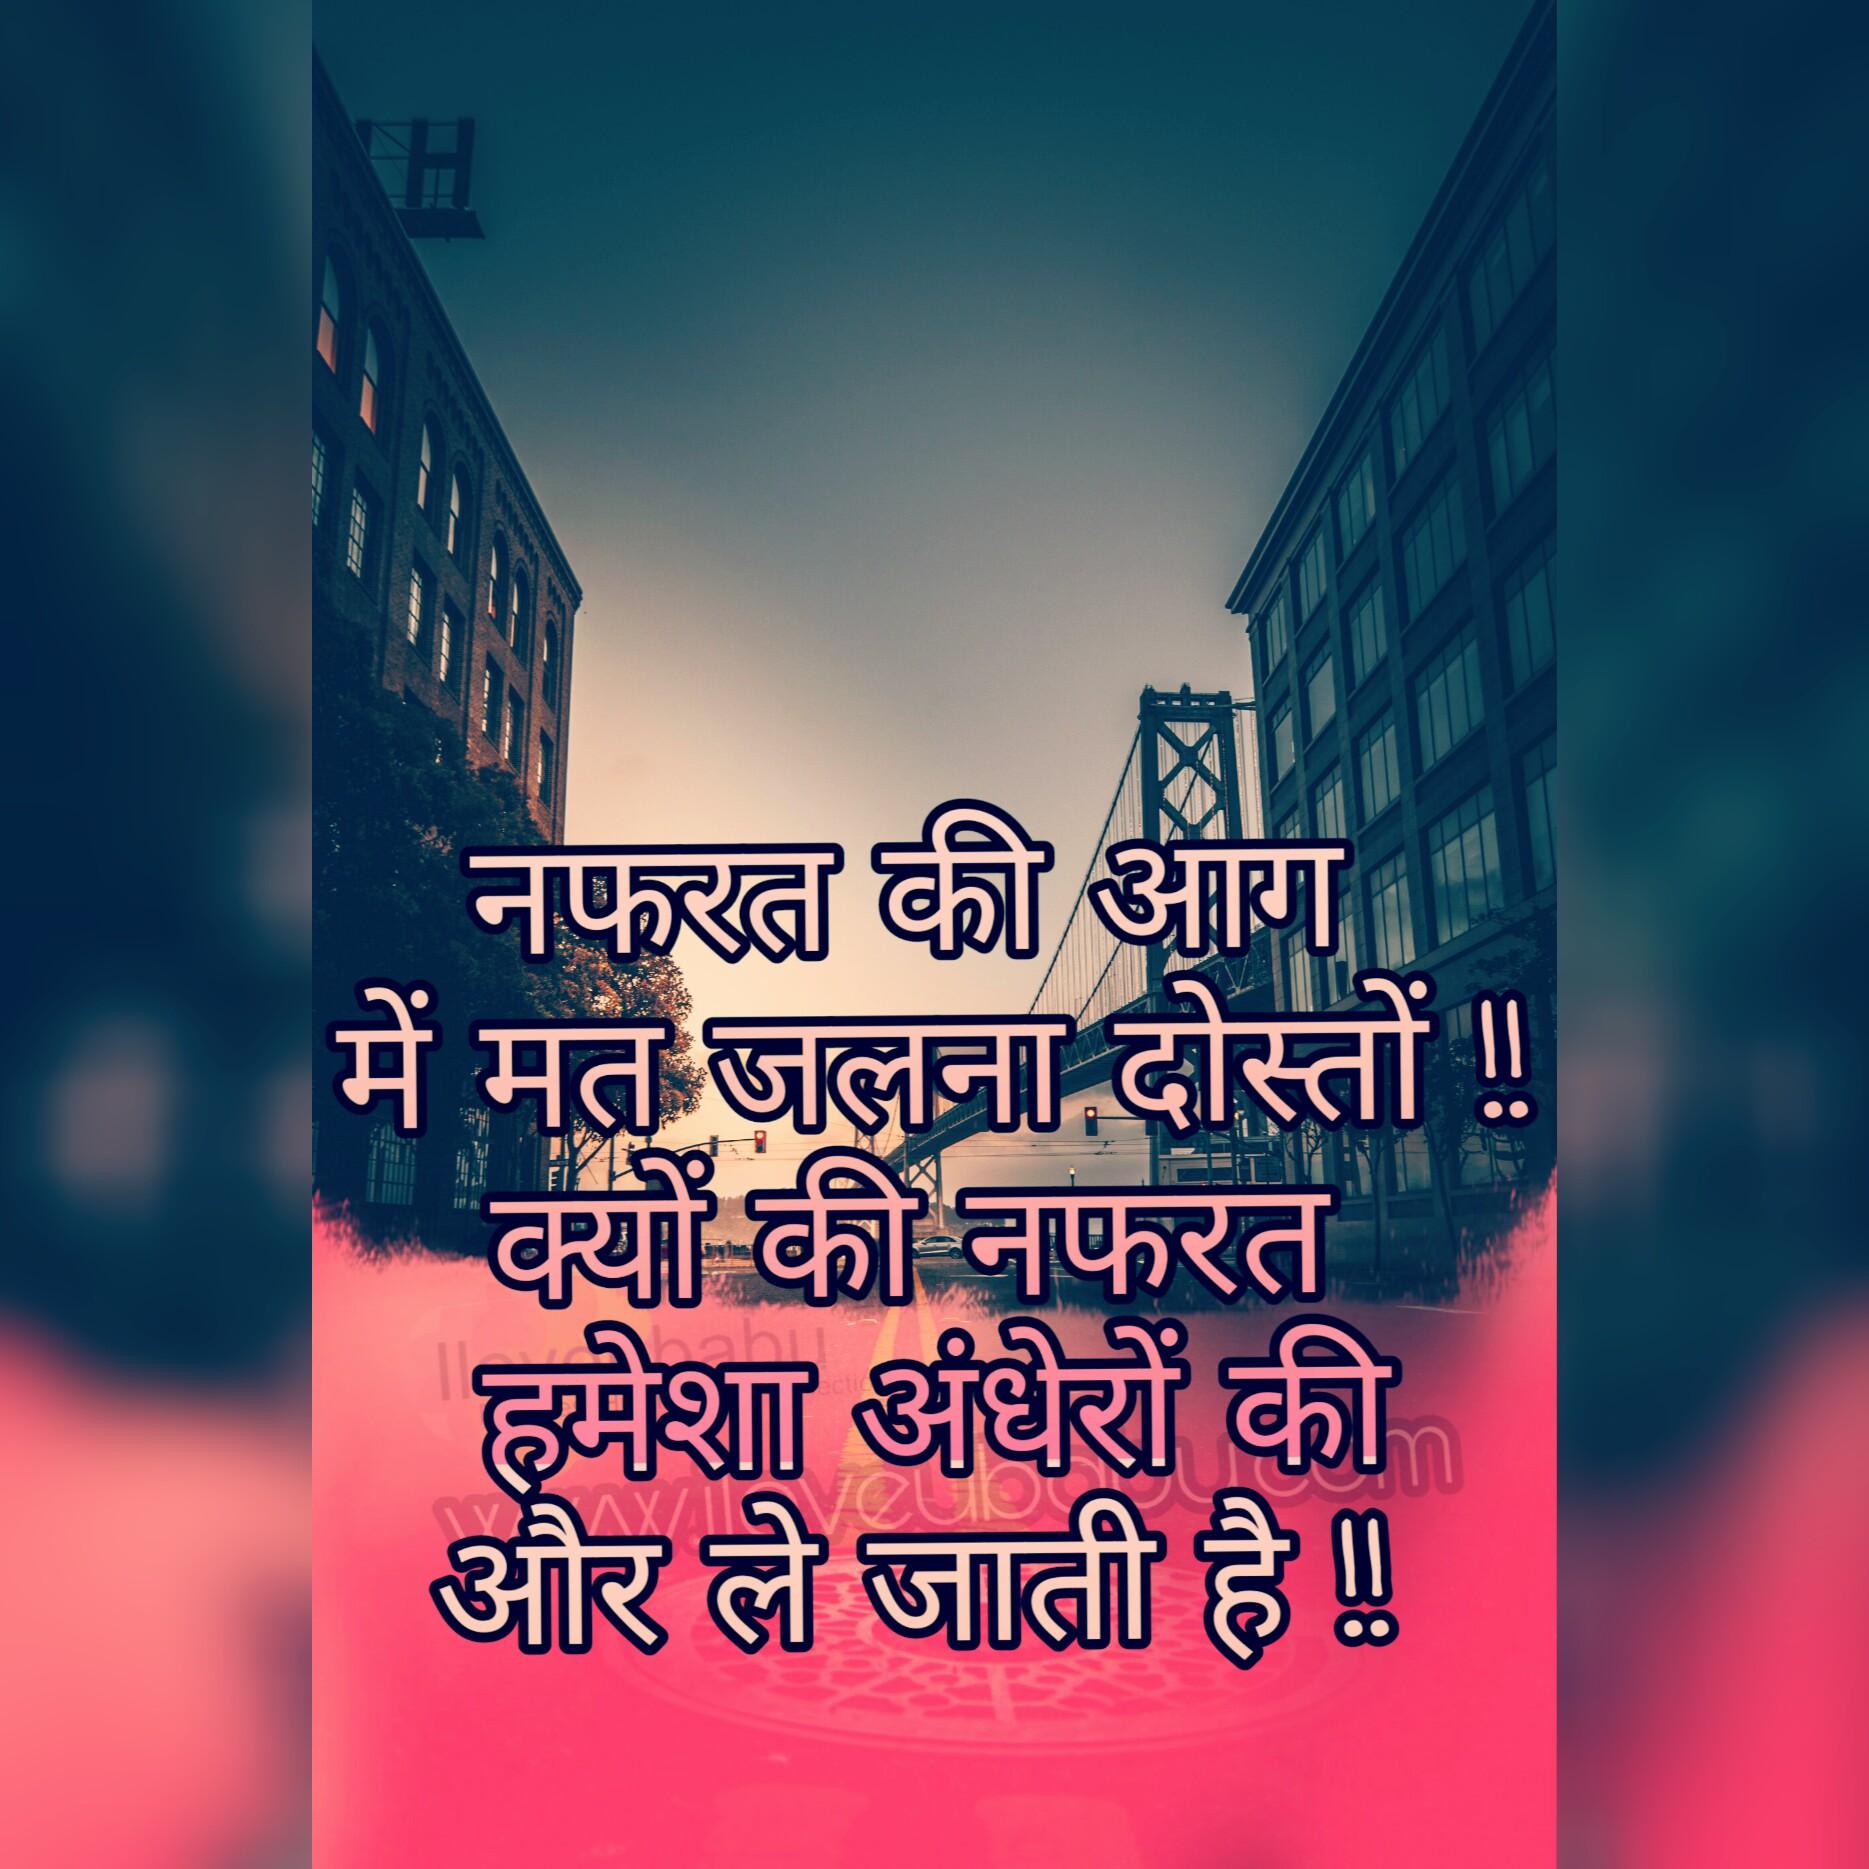 Nafrat-ki-aag-Sad-life-Quotes-I-love-u-babu-1 Nafrat ki aag | Sad life Quotes - I love u babu